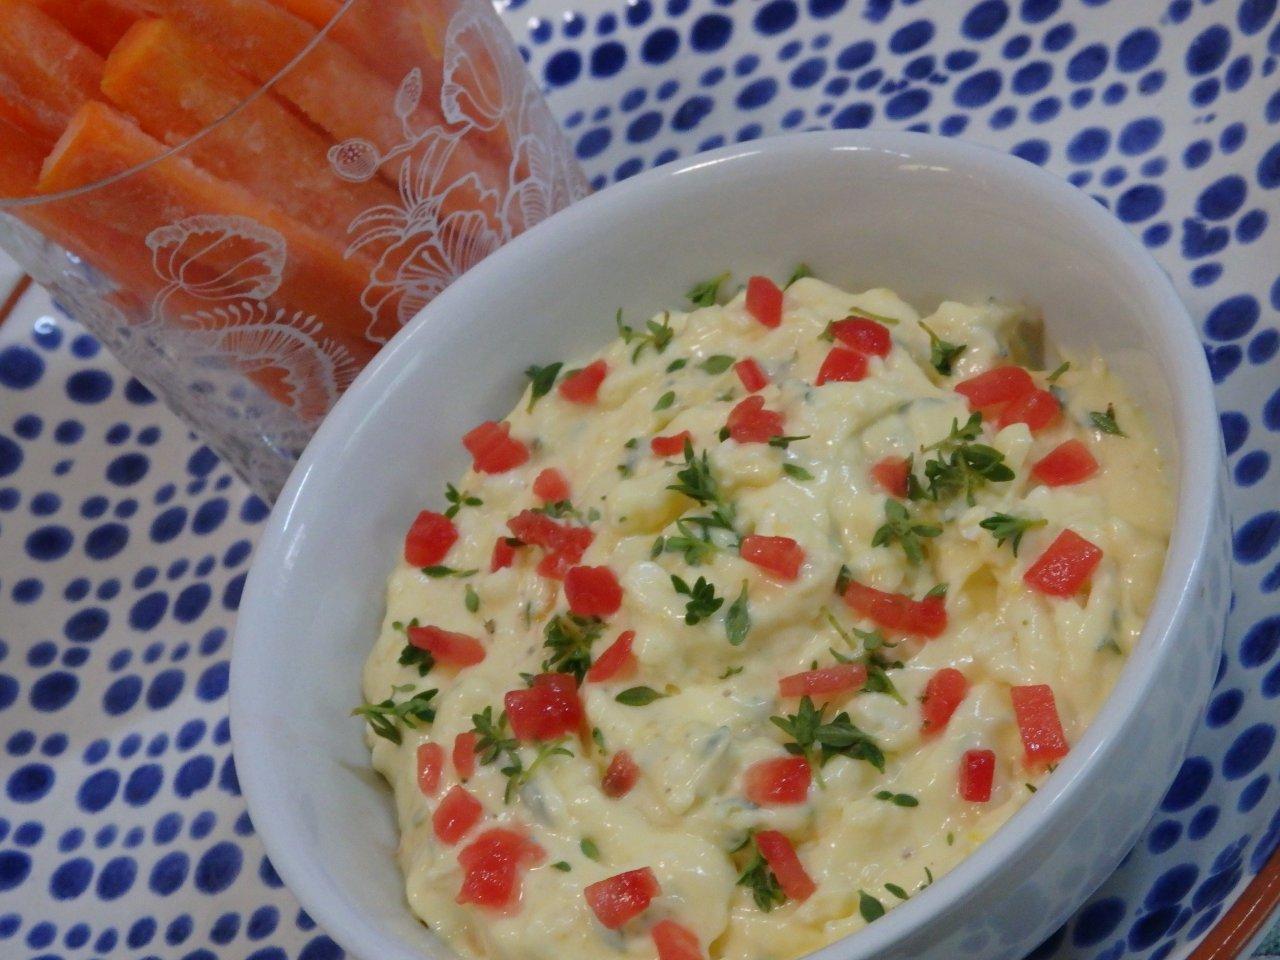 Molho de maionese com tomate e tomilho limao molho de maionese com tomate e tomilho limão Molho de maionese com tomate, tomilho e limão Molho de maionese com tomate e tomilho lim  o 4